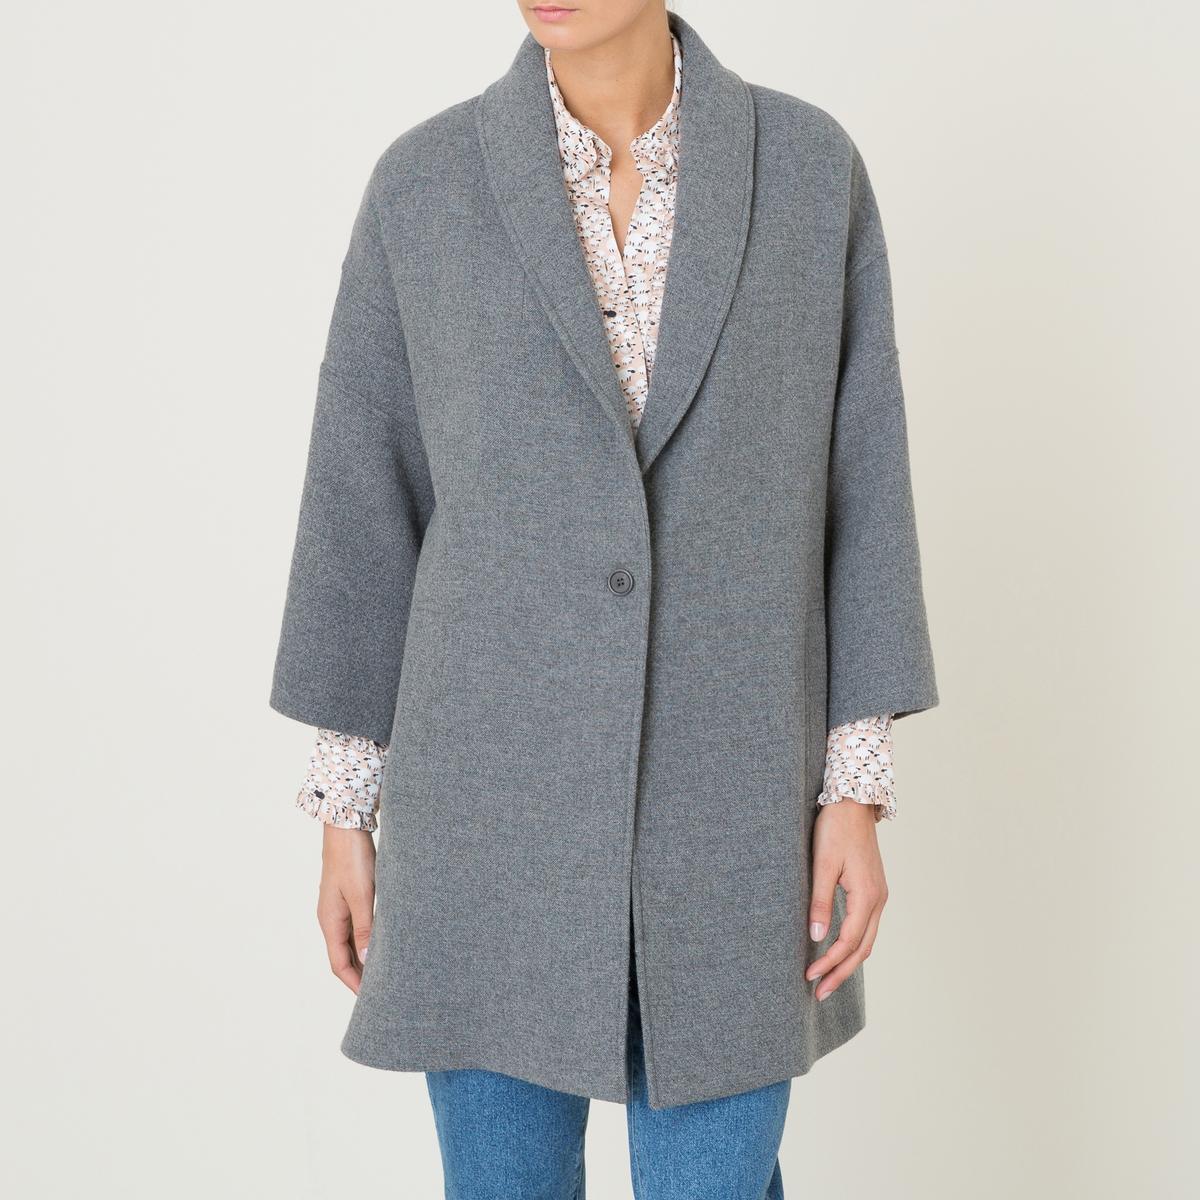 Пальто LOTUSДлинное пальто BA&amp;SH - модель LOTUS, покрой оверсайз, застежка на 1 пуговицу, из шерстяного драпа. Шалевый воротник с застежкой на 1 пуговицу. Прямые длинные рукава, низкие плечи. 2 больших прорезных кармана. Шлица сзади.Состав и описание :Материал : 40% шерсти, 30% полиакрила, 15% полиэстера, 15% полиамидаПодкладка карманов 100% хлопокМарка : BA&amp;SH<br><br>Цвет: серый